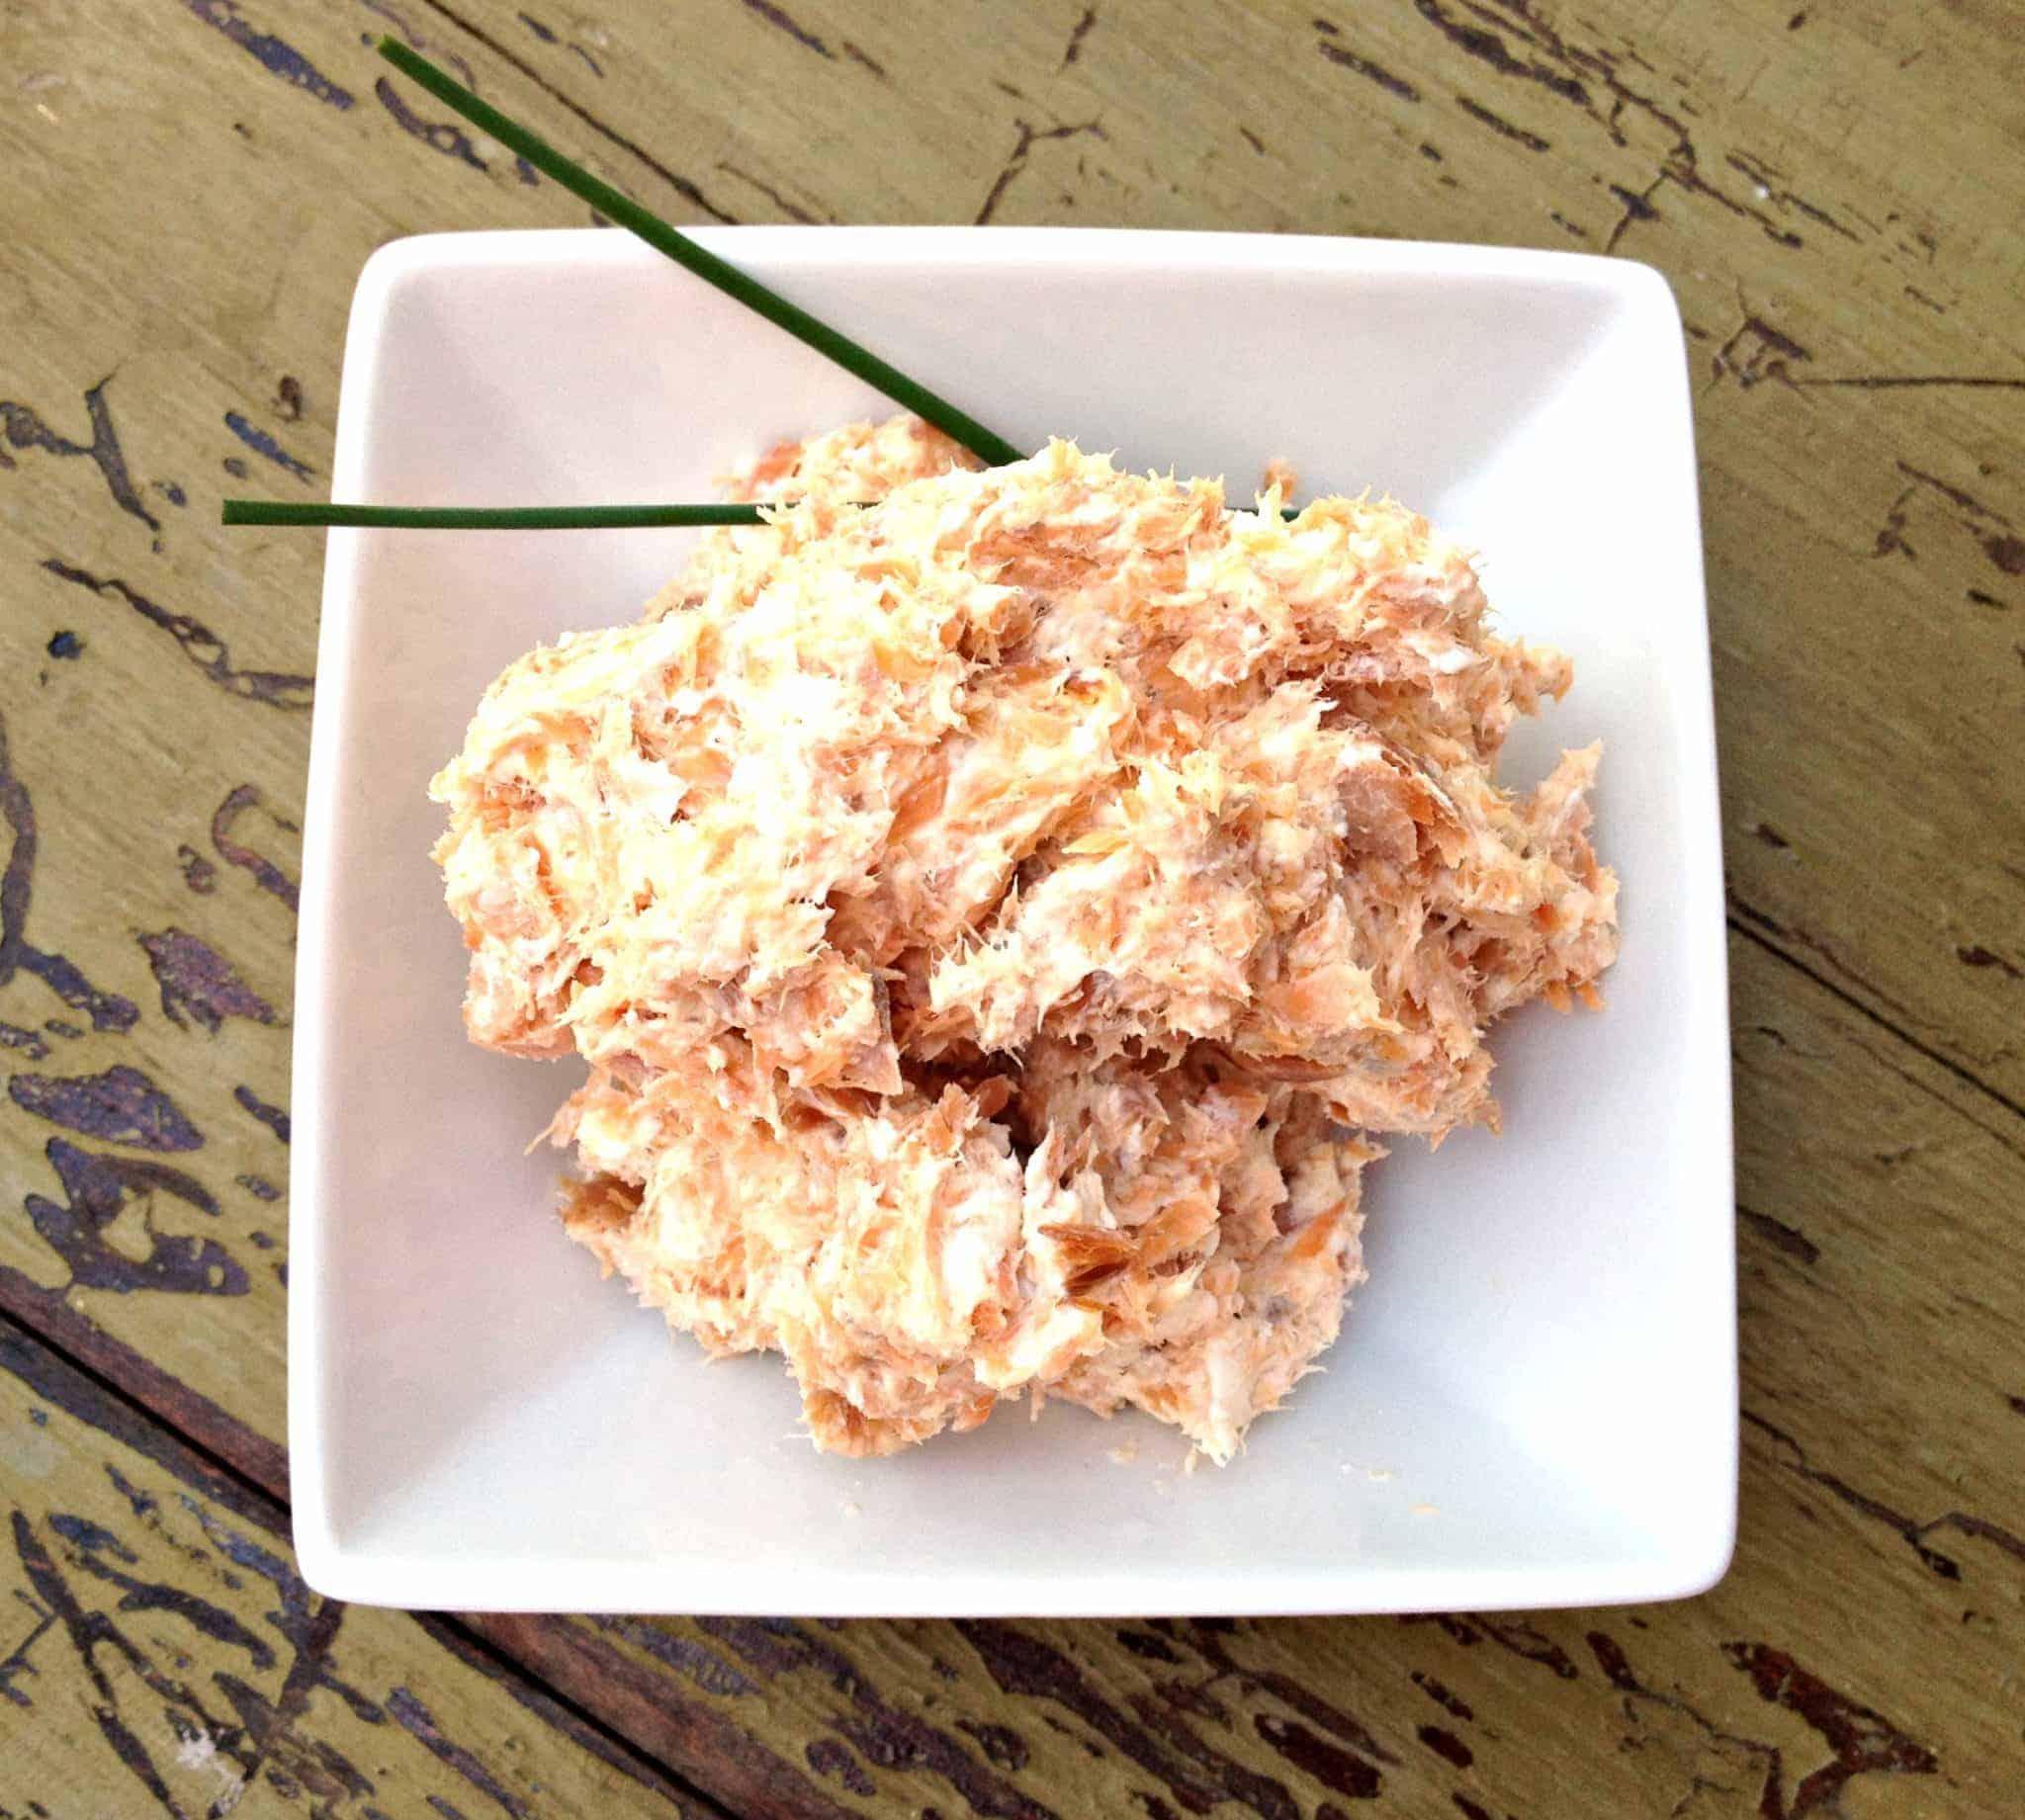 pics Zucchini Crostini with Goat Cheese Spread